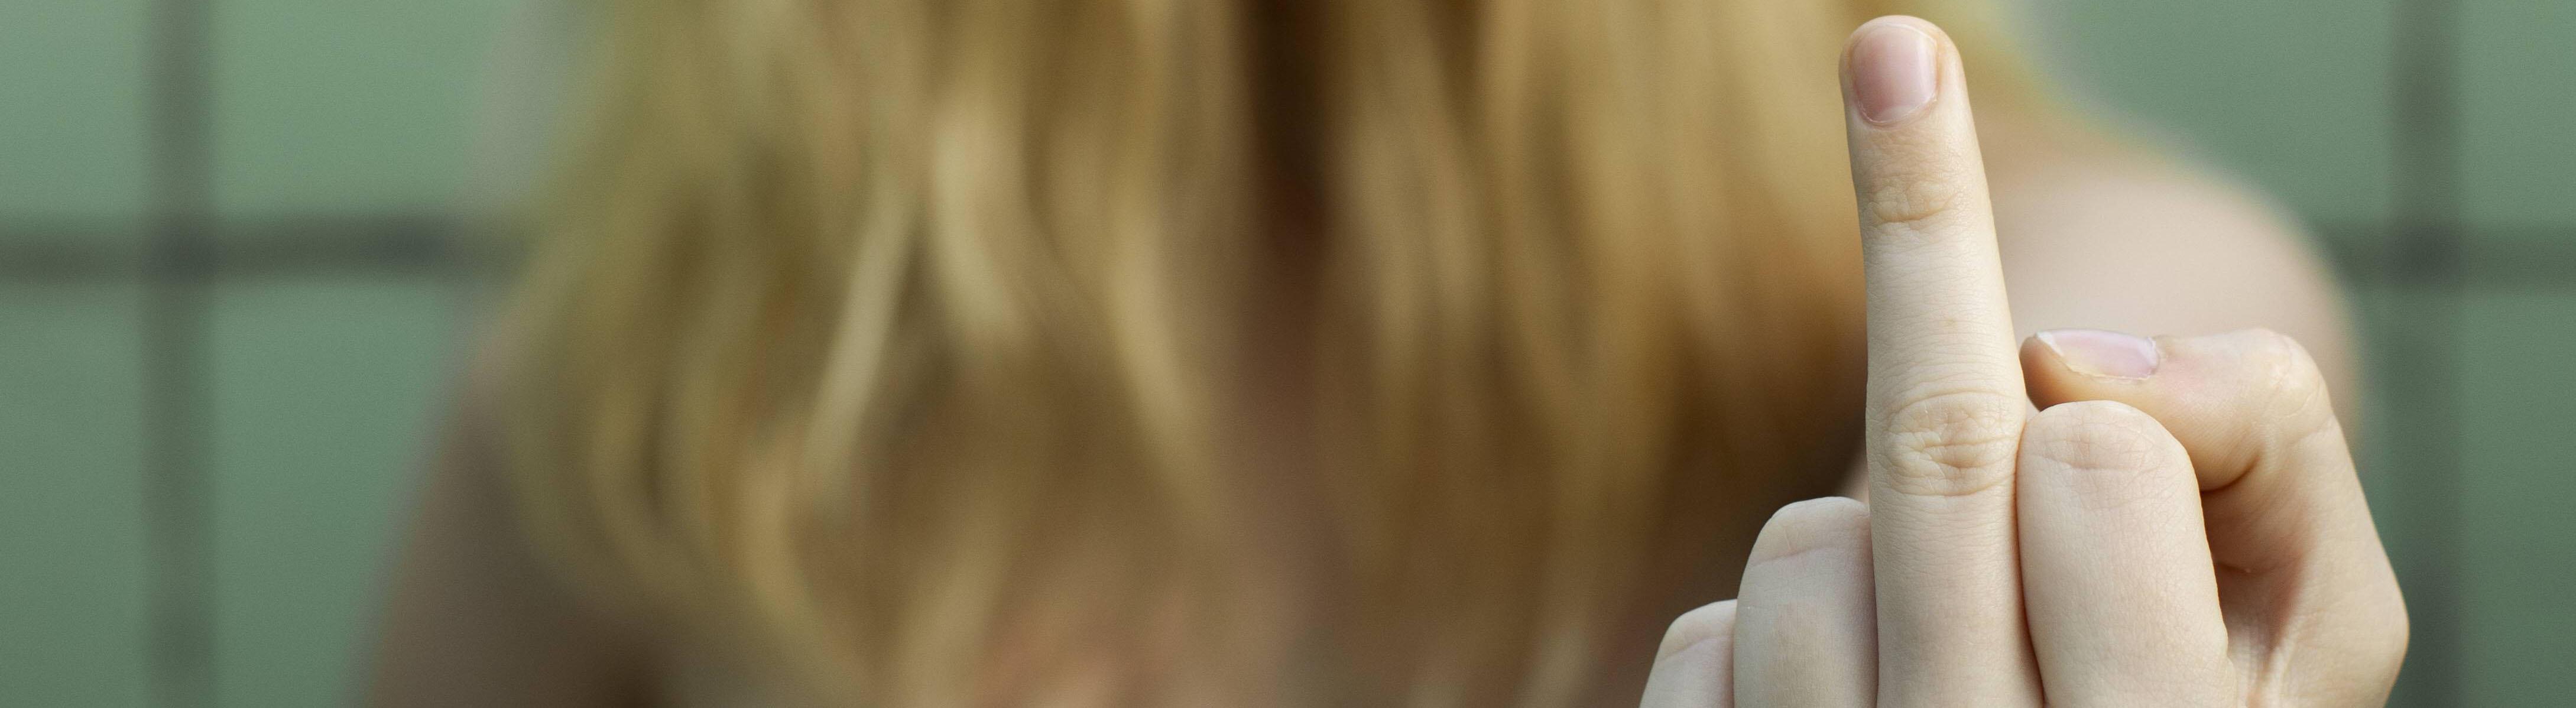 Nackte Frau mit Haaren vorm Gesicht, die den Mittelfinger in die Kamera streckt.